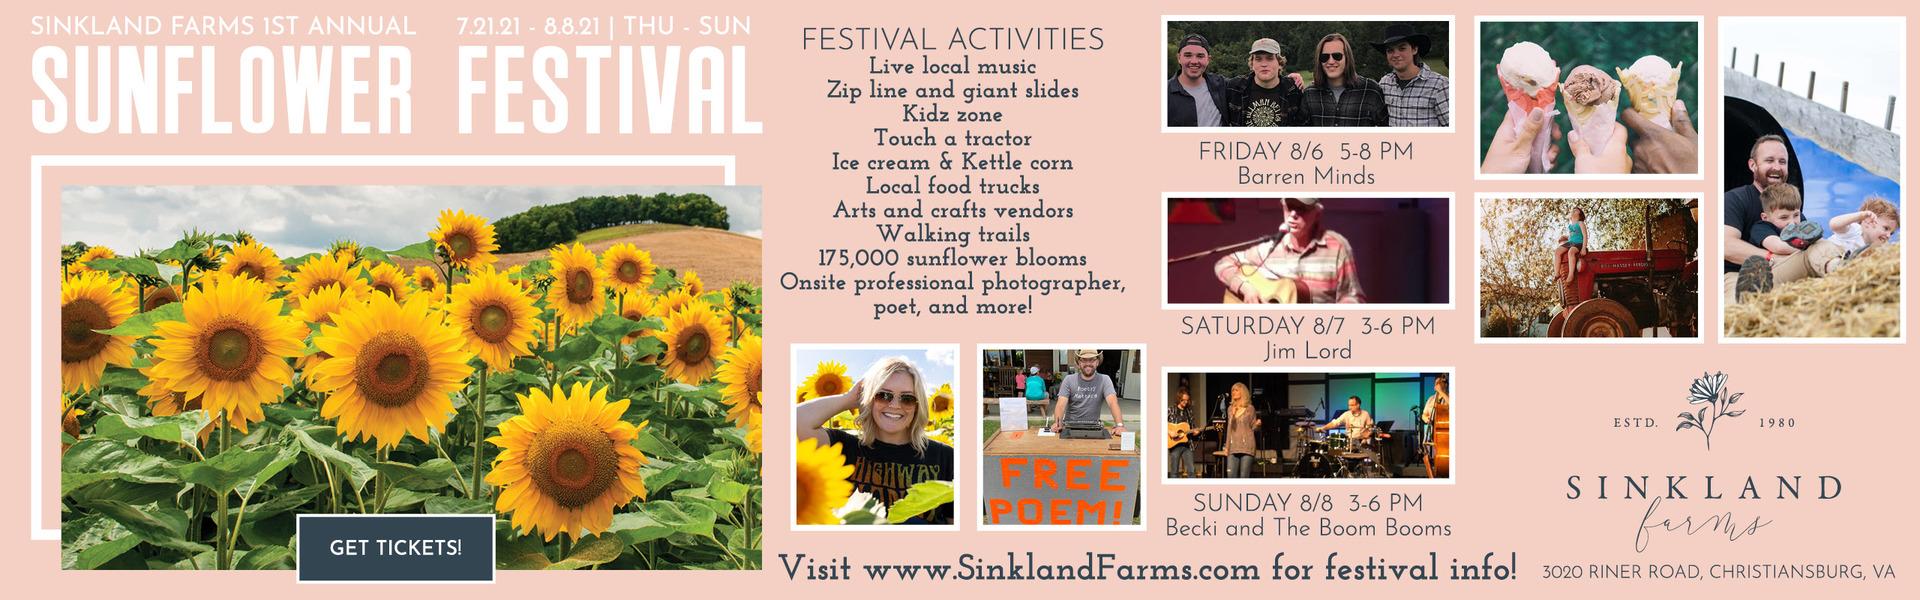 Sinkland Farms 1st Annual Sunflower Festival